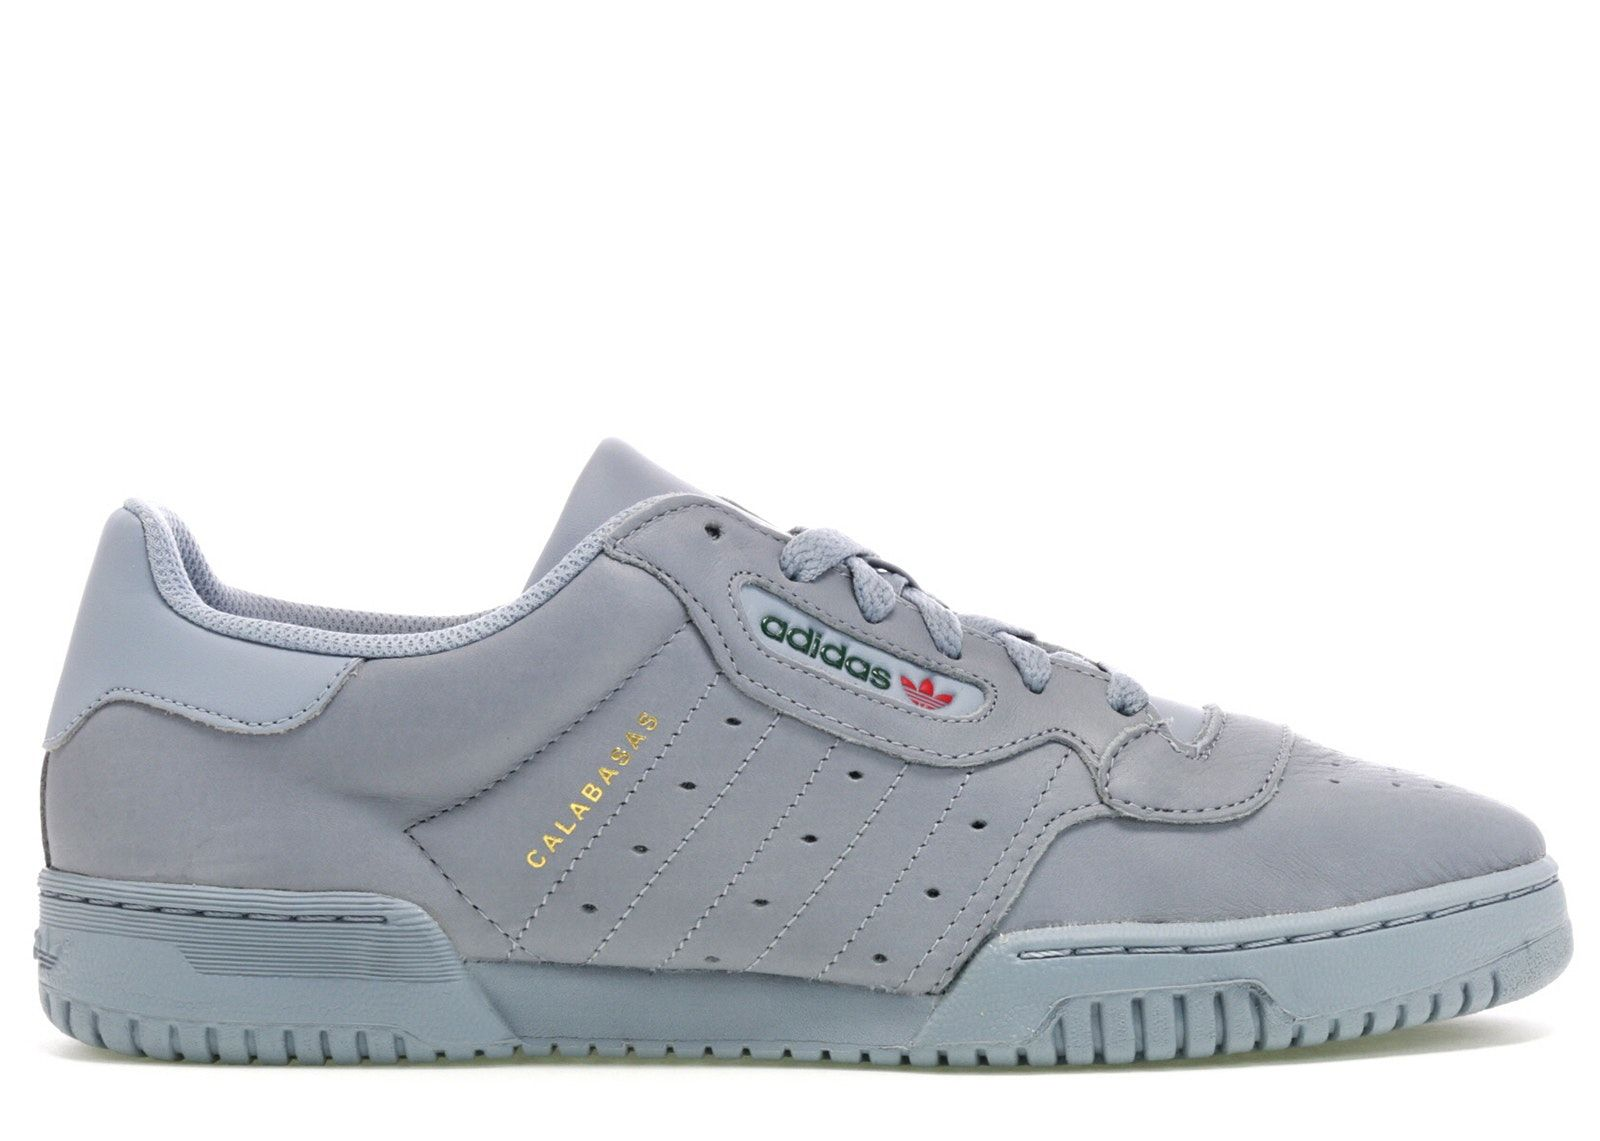 adidas calabasas schoenen